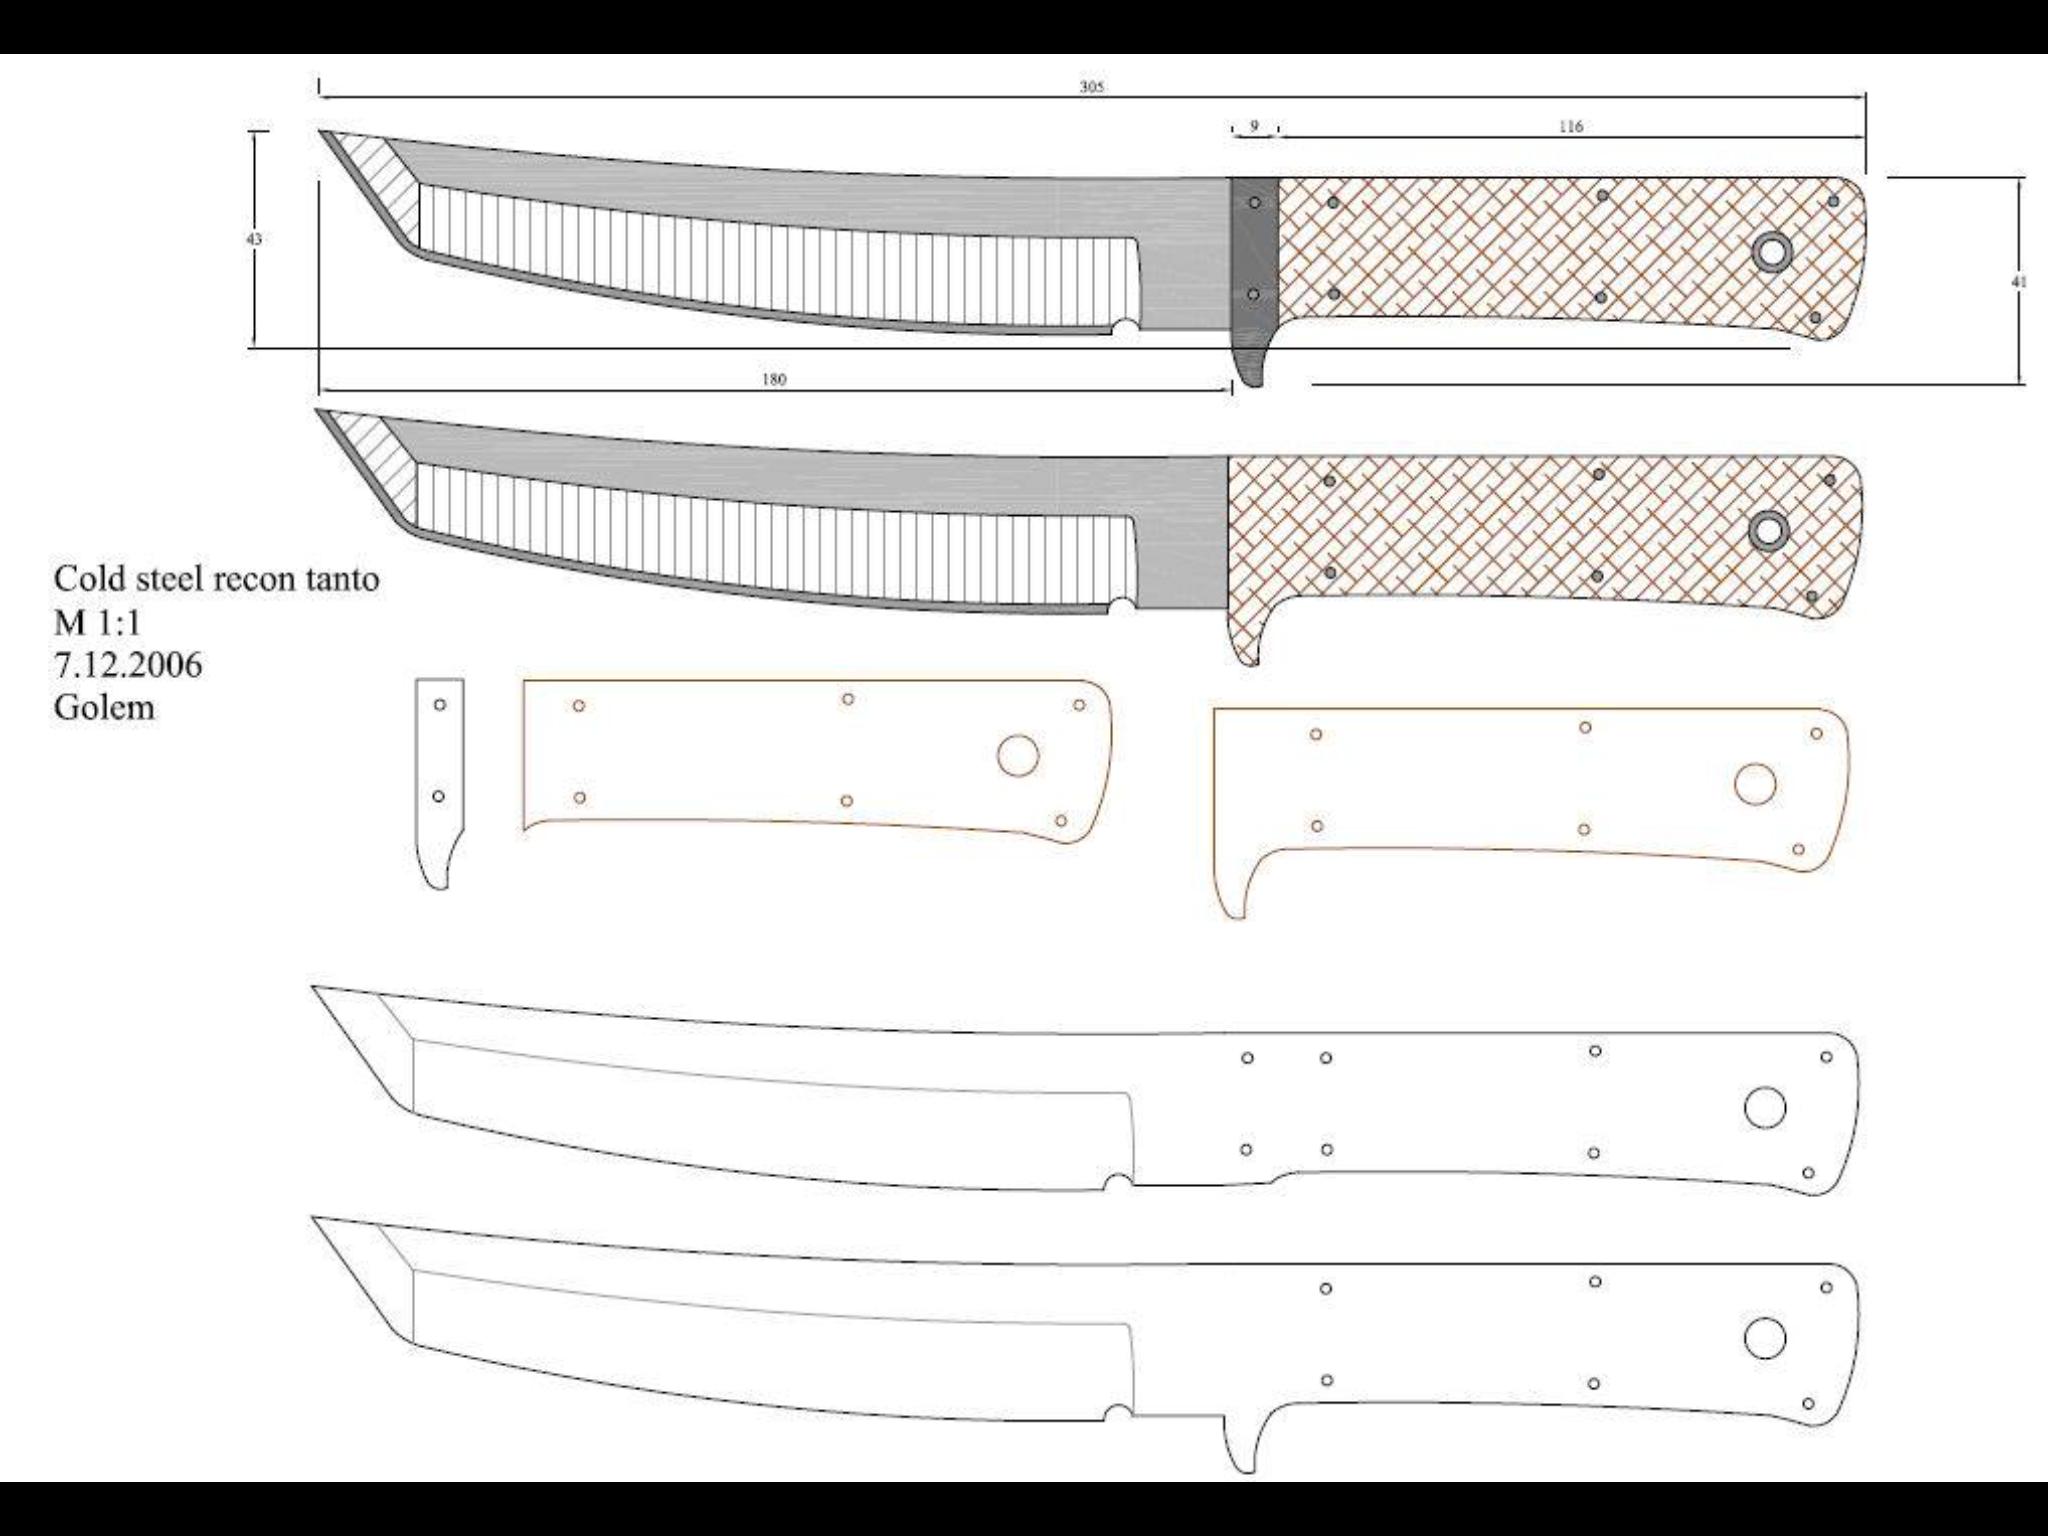 Японский нож танто своими руками чертежи. ножи танто – воинское наследие самураев. различные разновидности японских ножей танто